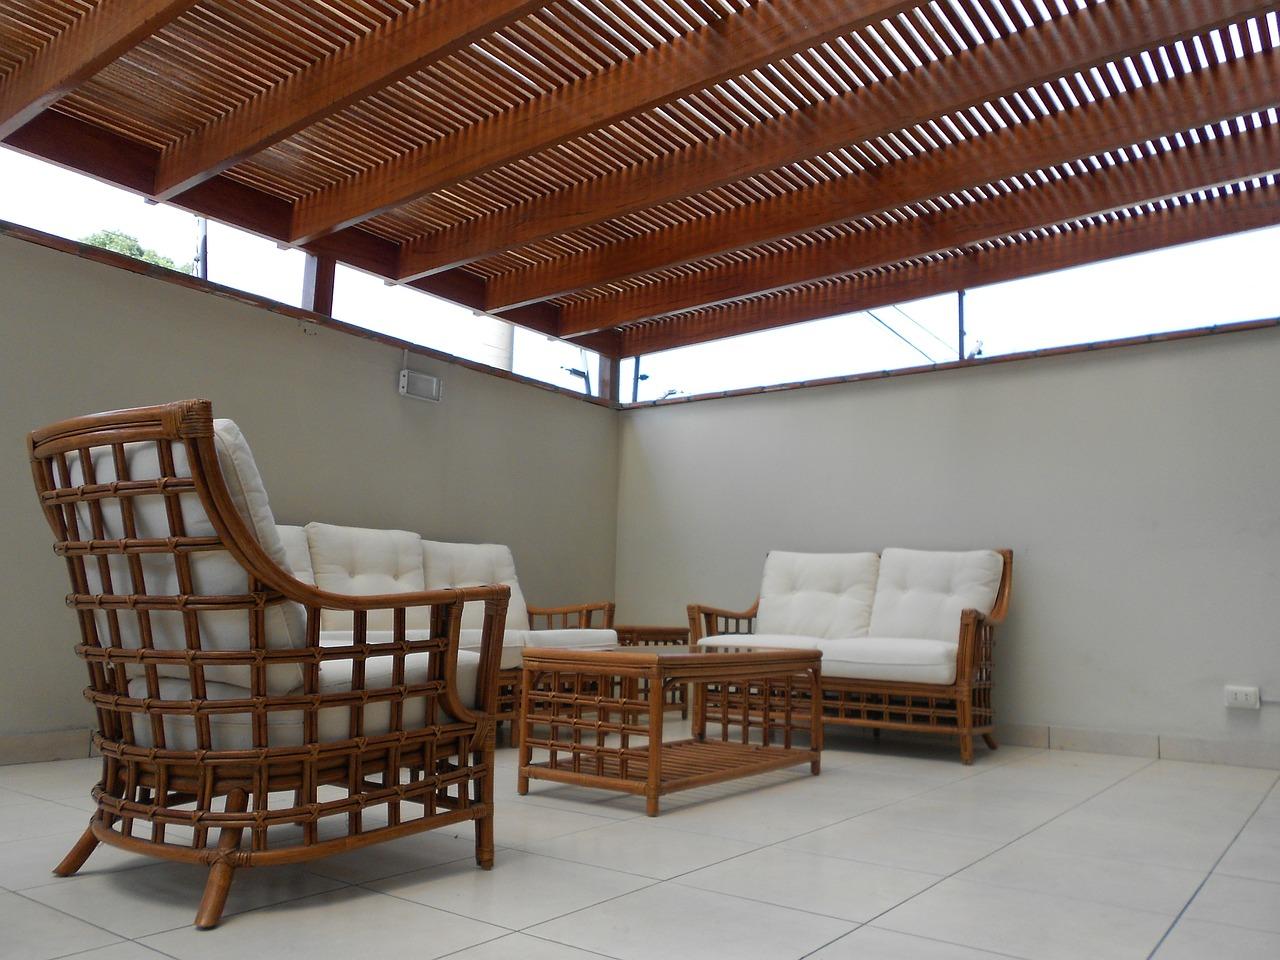 Inneneinrichtung mit Holzelementen – so lässt es sich Wohnen